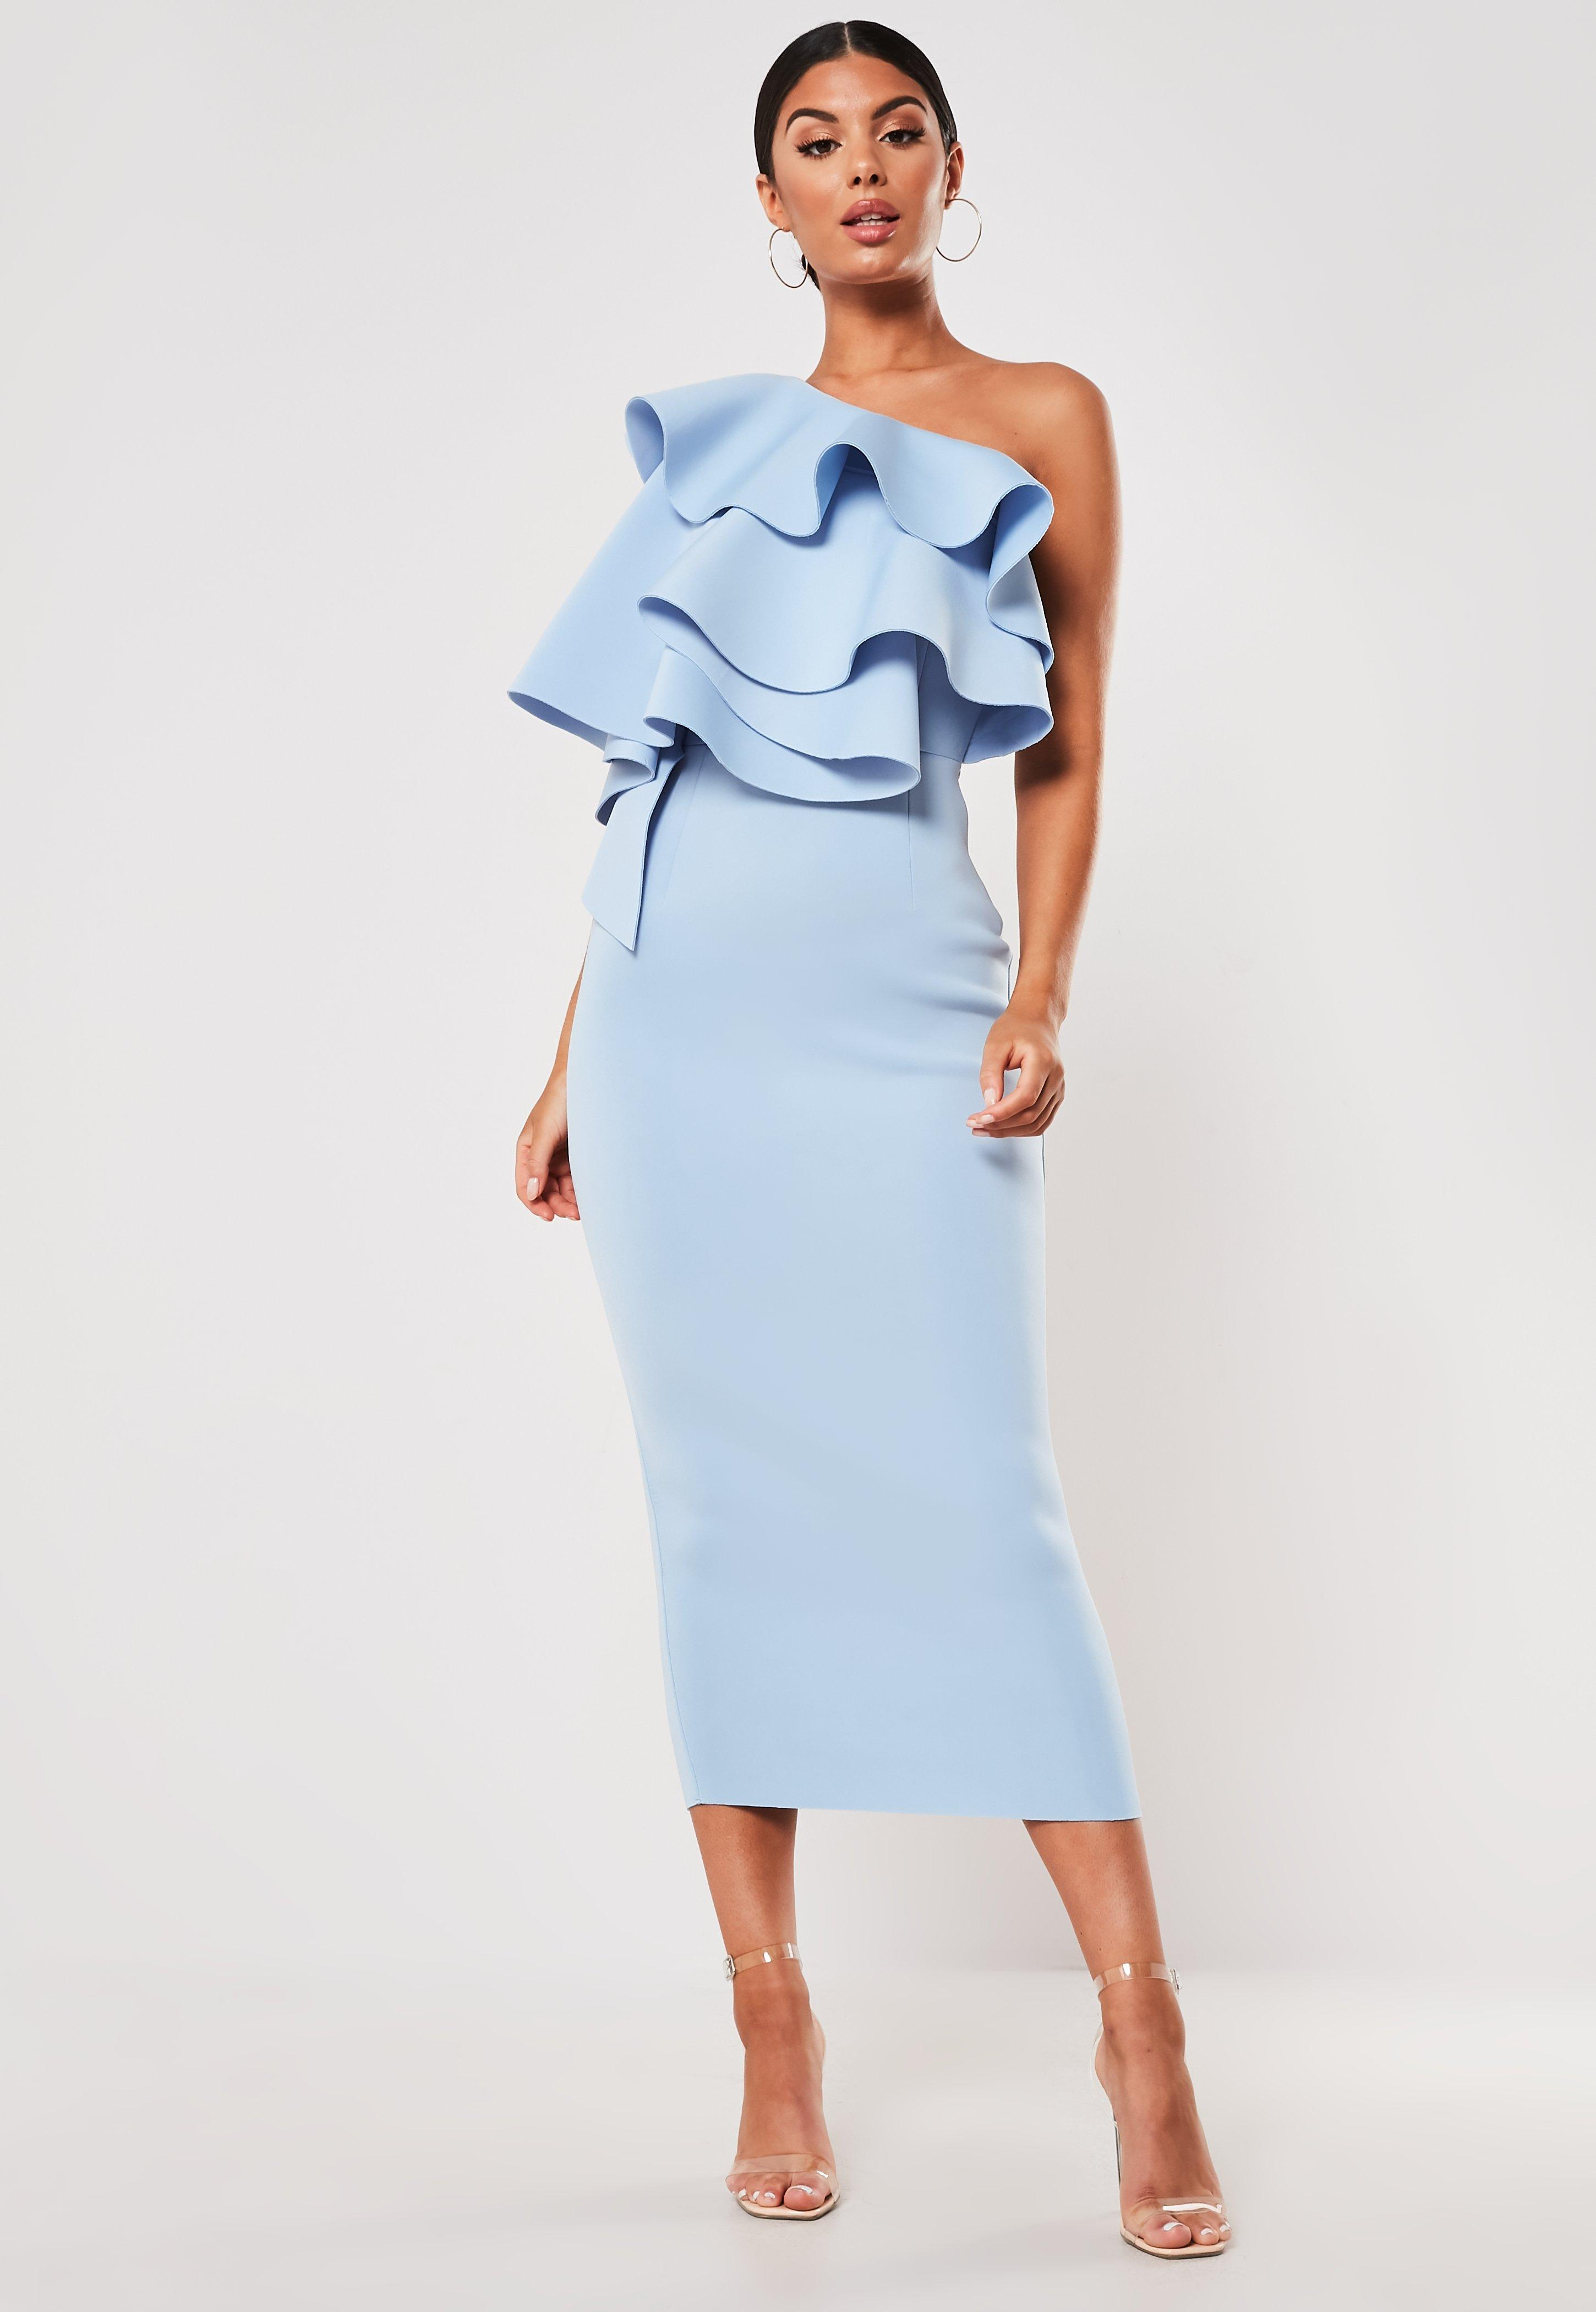 840175fb7b Robes | Robe chic femme en ligne 2019 - Missguided